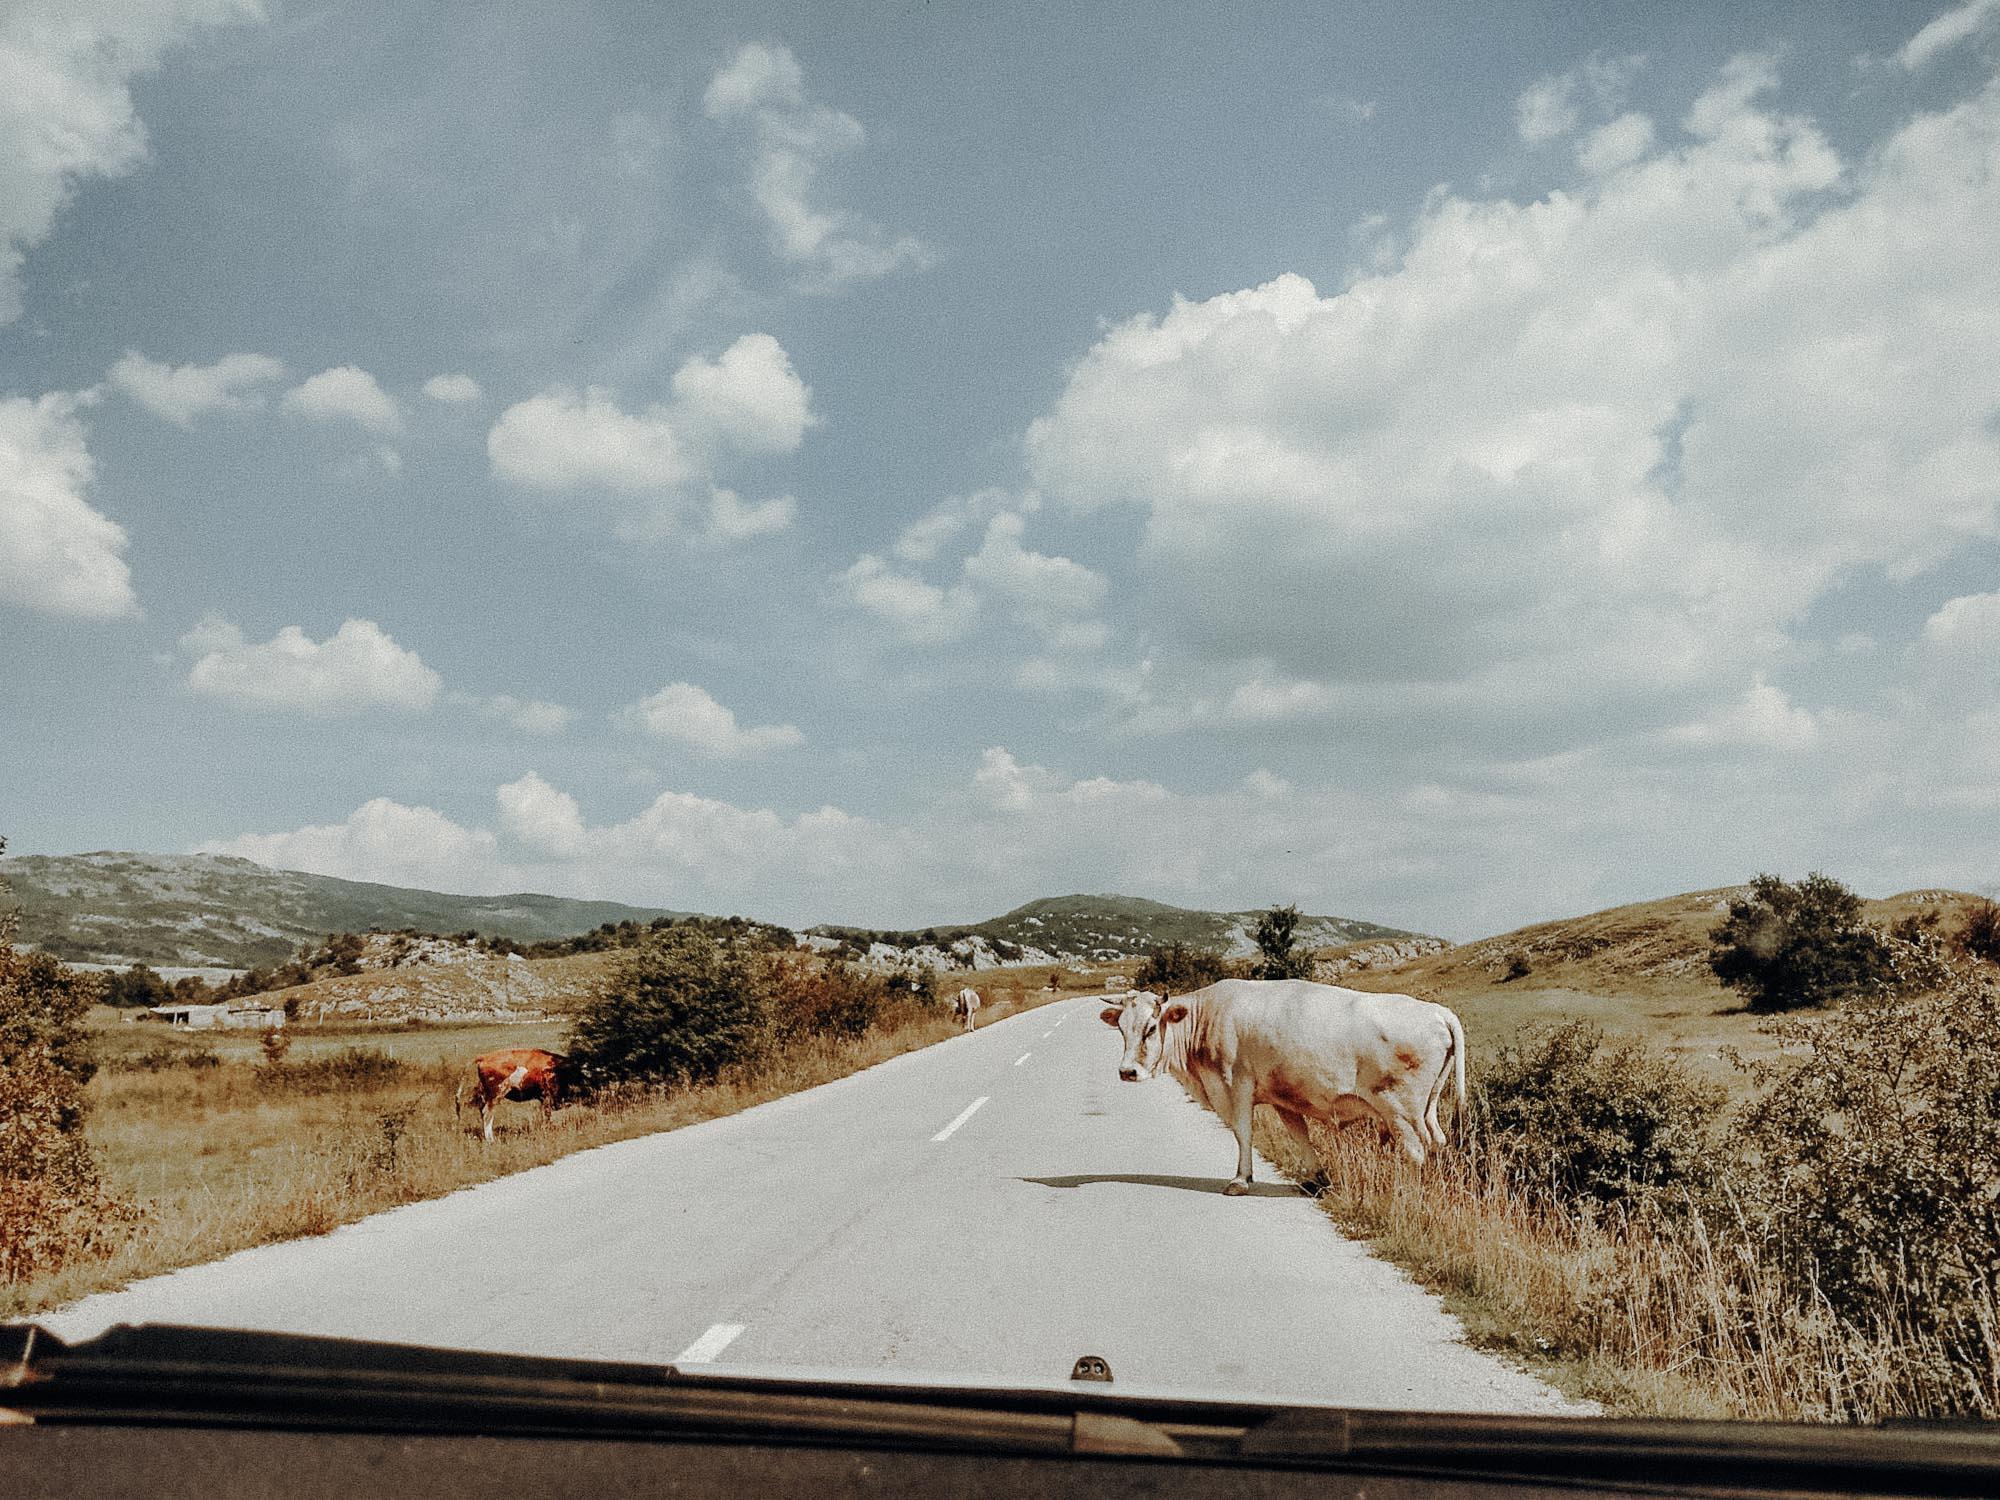 Die Straßen in Bosnien. Kühe auf der Straße. Roadtrip durch Bosnien Montenegro Kroatien. Am Balkan vegan essen, reisen, fahren, packen. Dogdays of Summer vegan vintage Blog